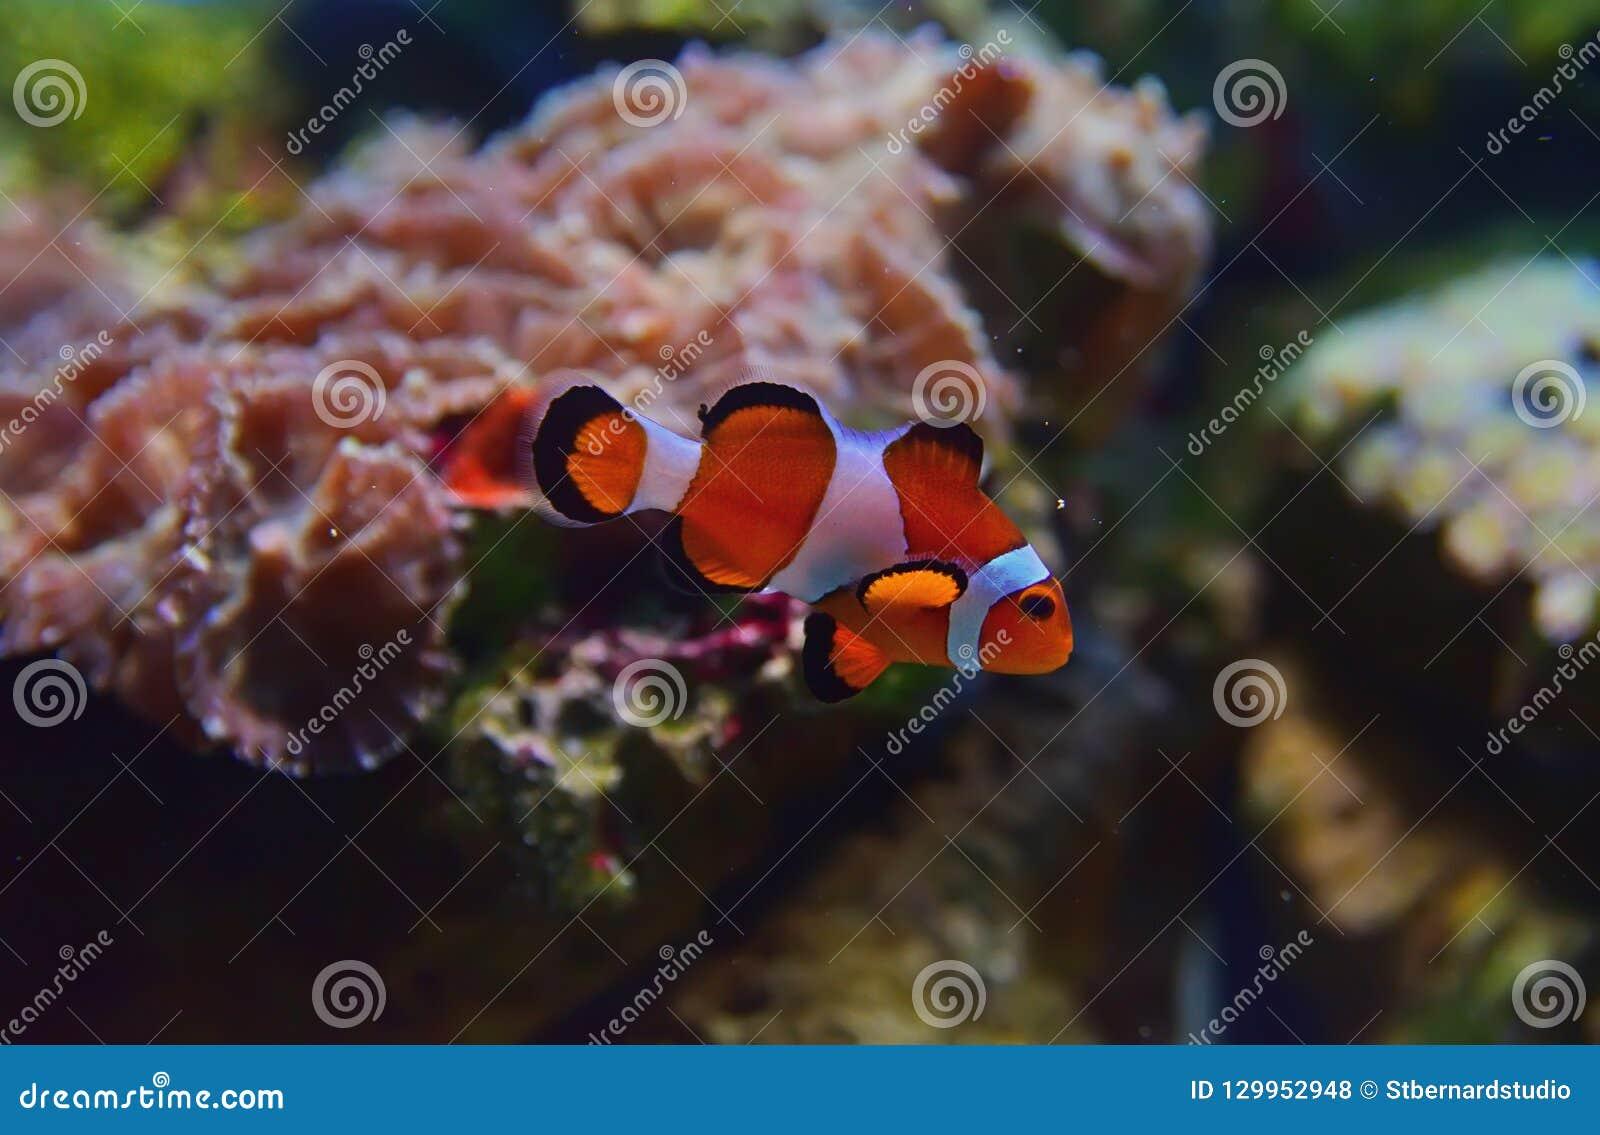 Άποψη κινηματογραφήσεων σε πρώτο πλάνο των μικρών ψαριών κλόουν με τα διαφορετικά κοράλλια στο υπόβαθρο